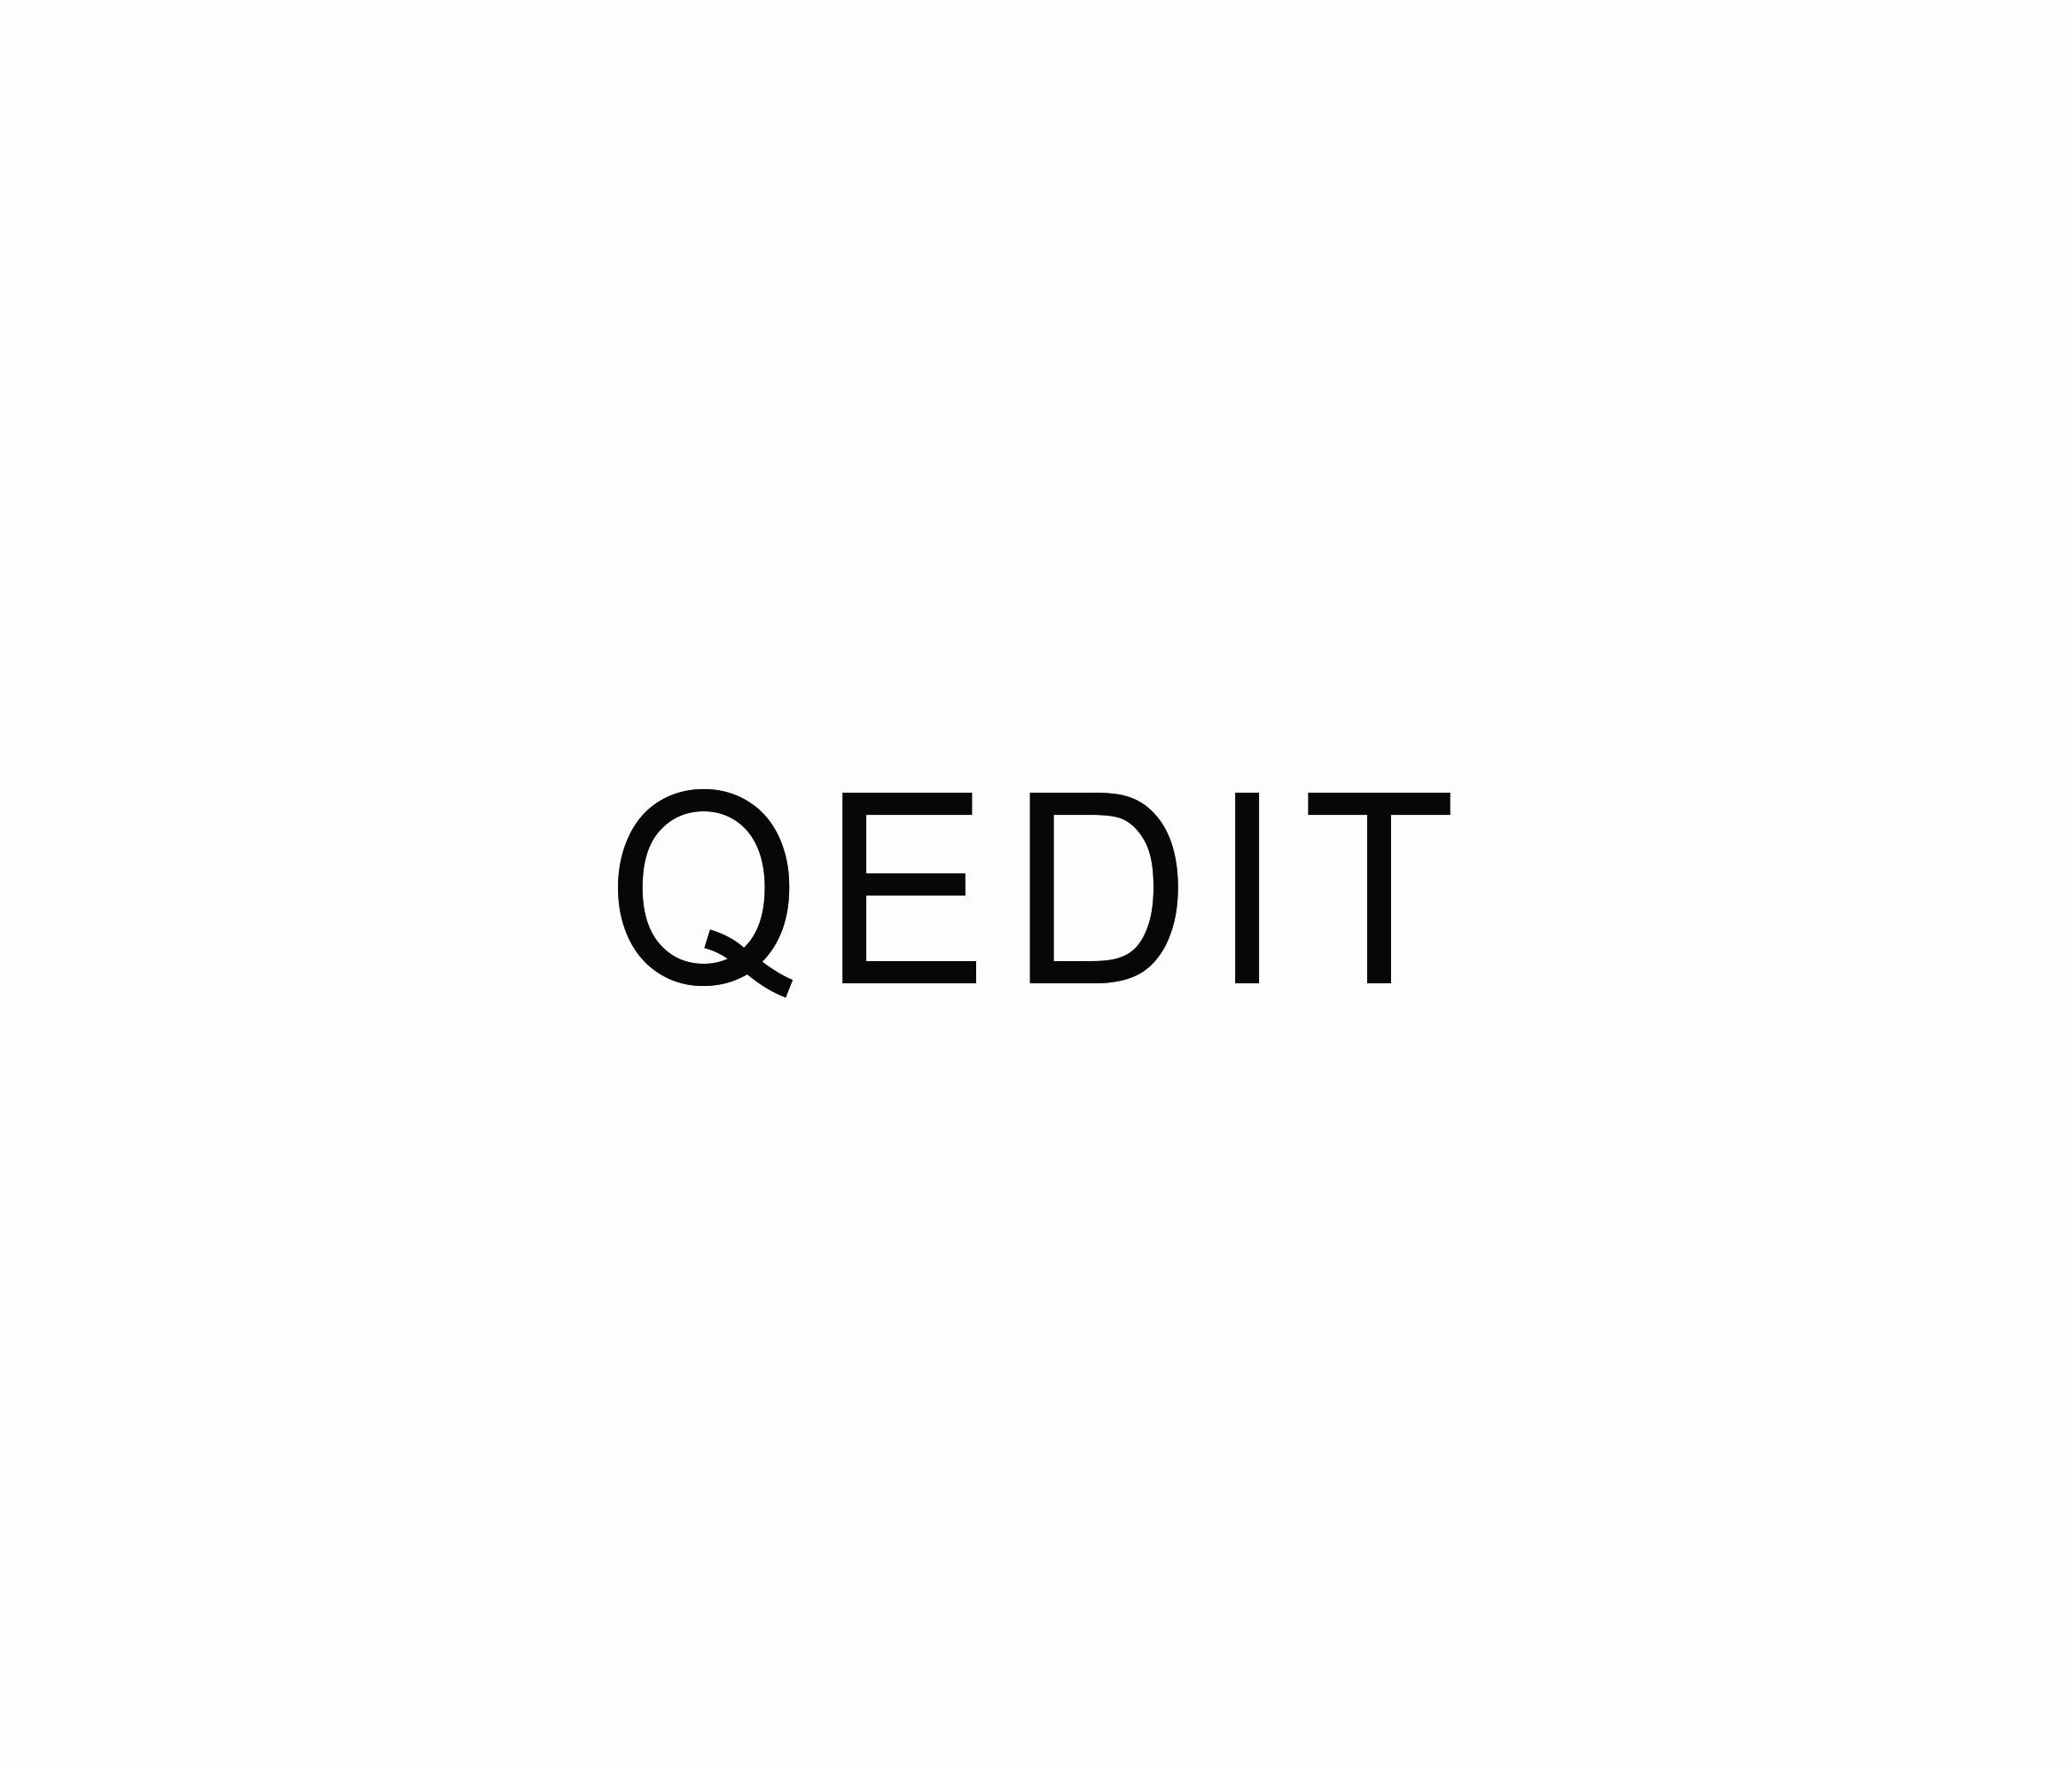 QEDIT fournit une solution d'entreprise pour préserver la confidentialité sur le Blockchain.